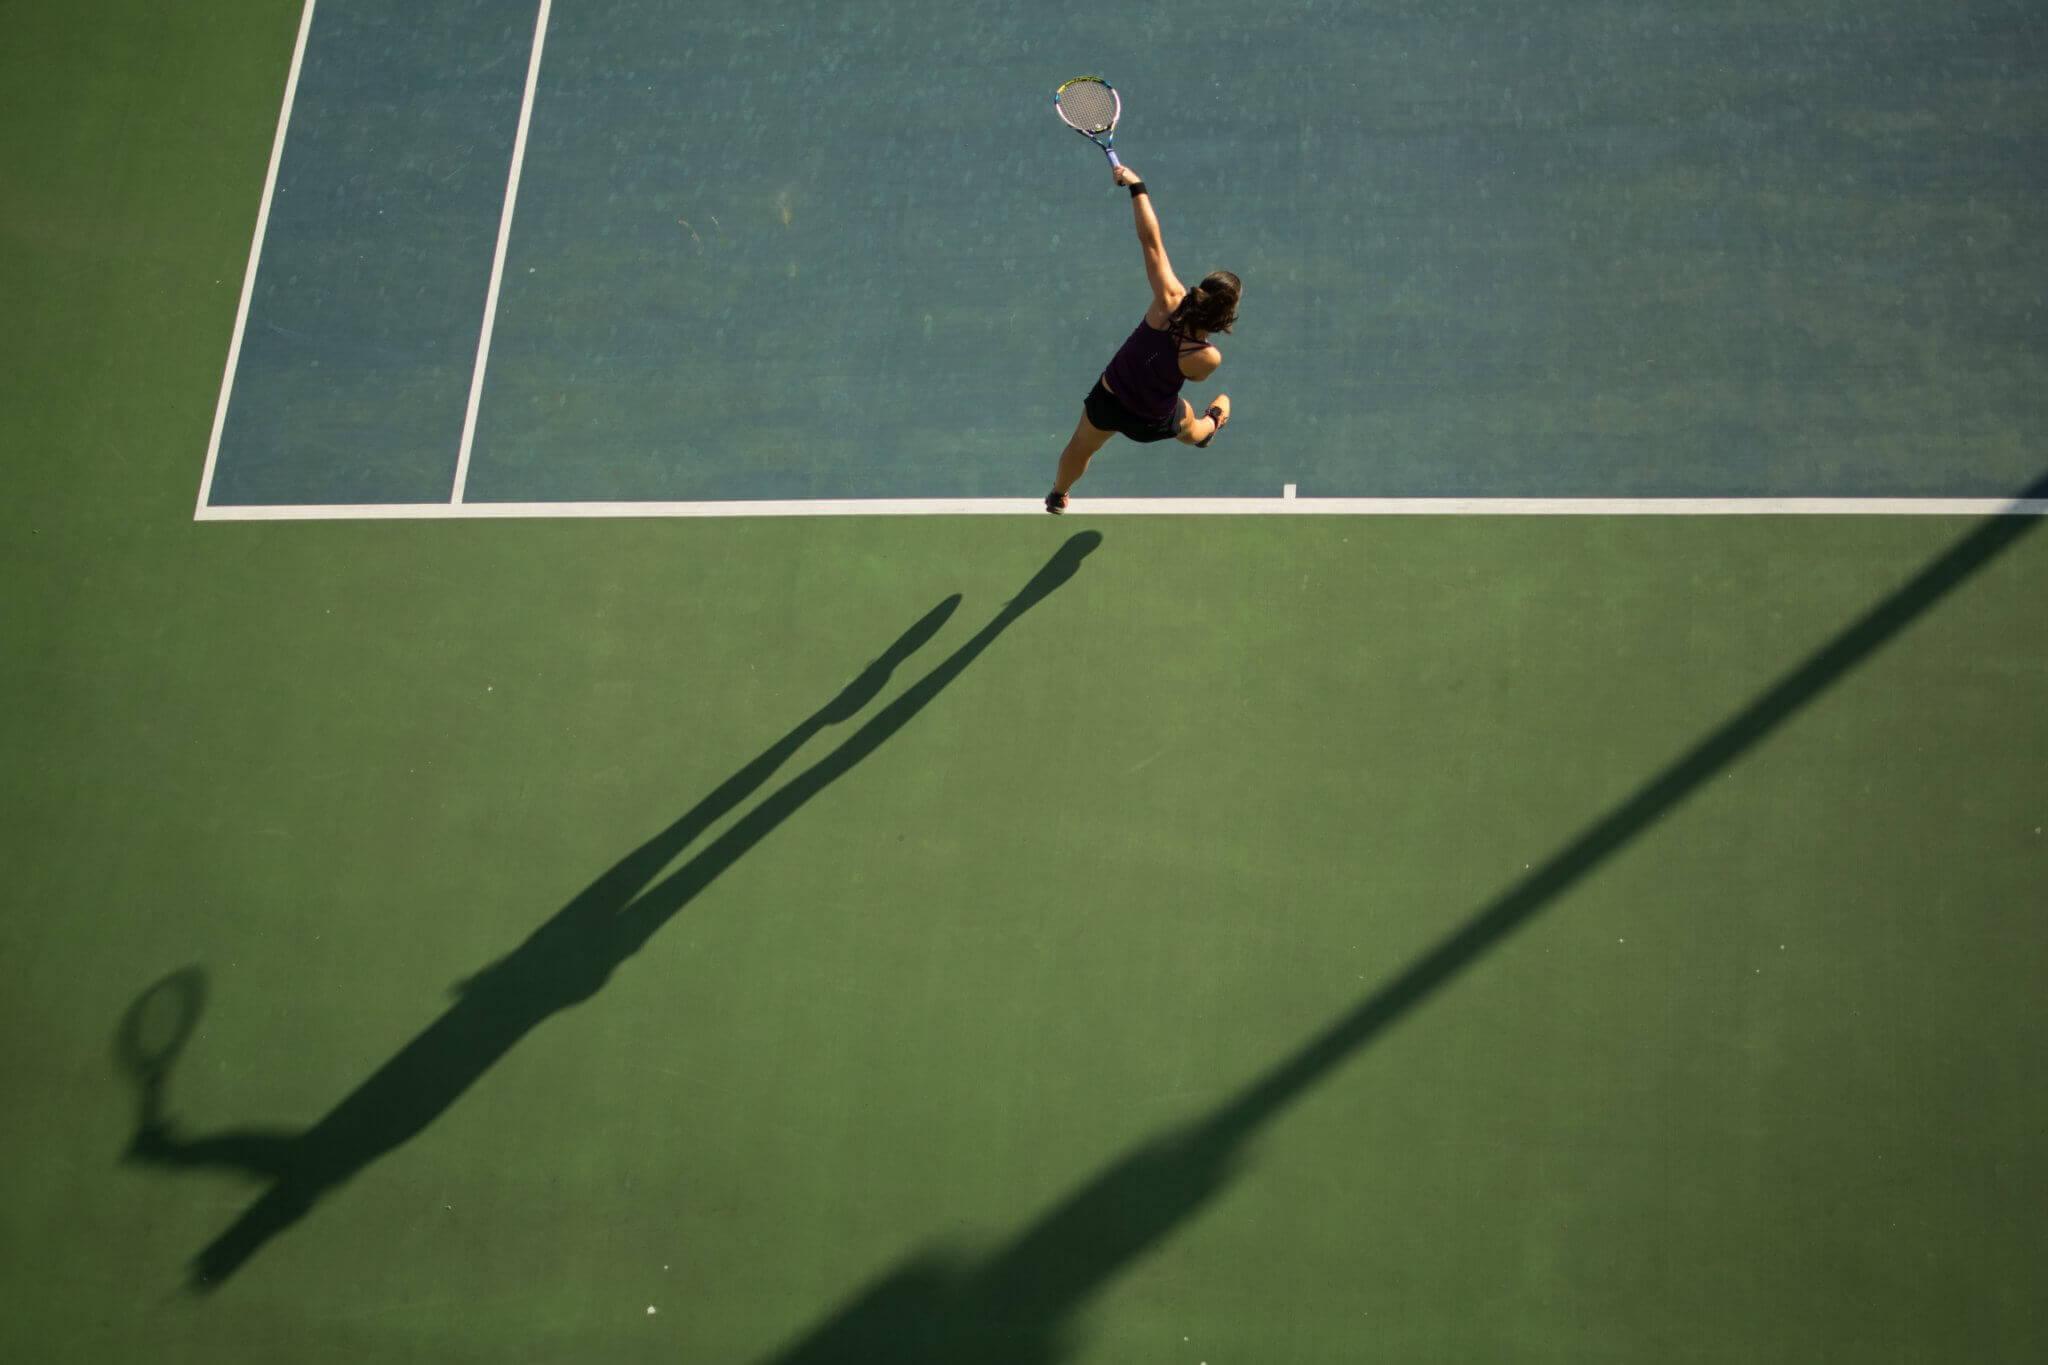 Tennis er sporten som bedrives av verdens best betalte damer i idrett